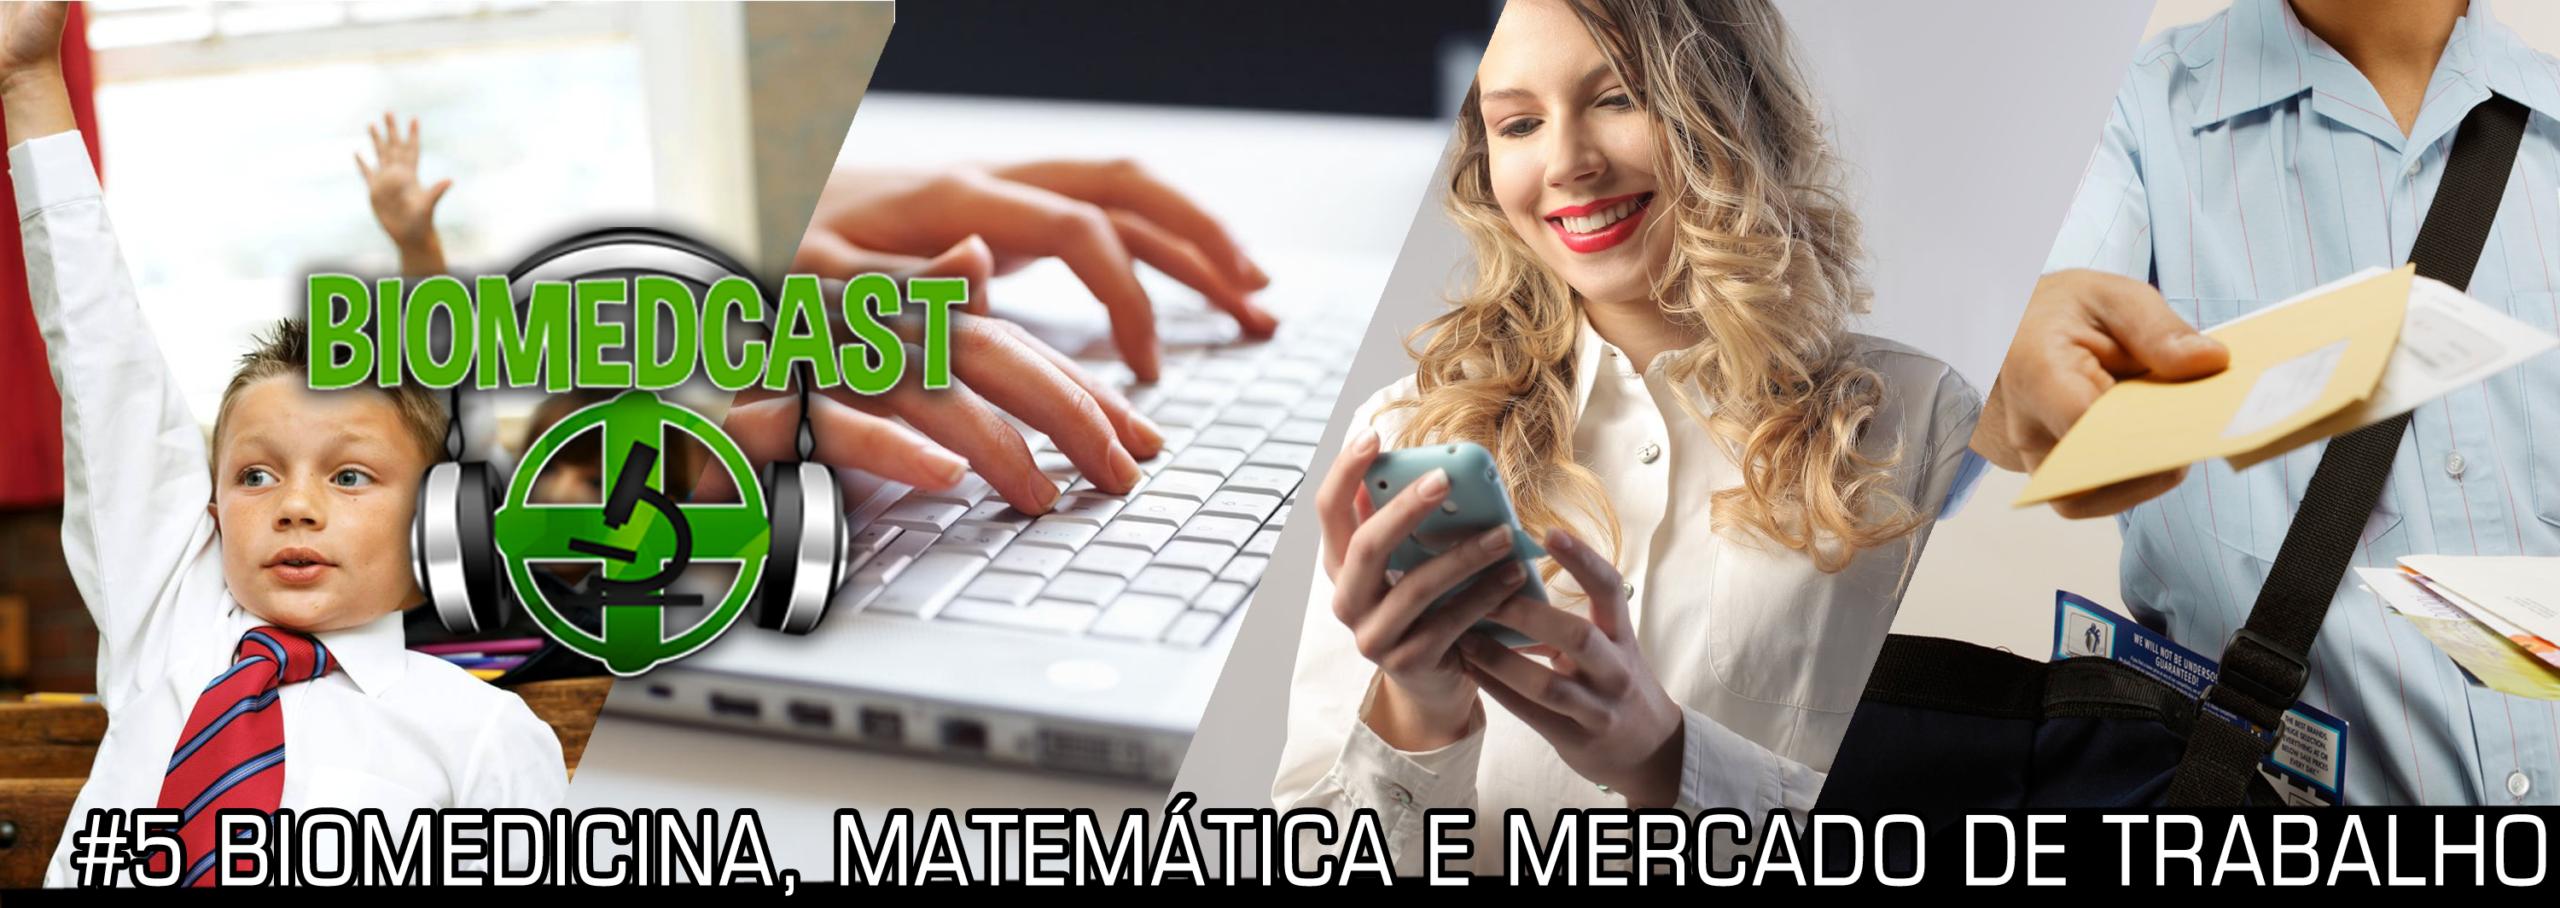 #5 Biomedicina, Matemática e Mercado de Trabalho